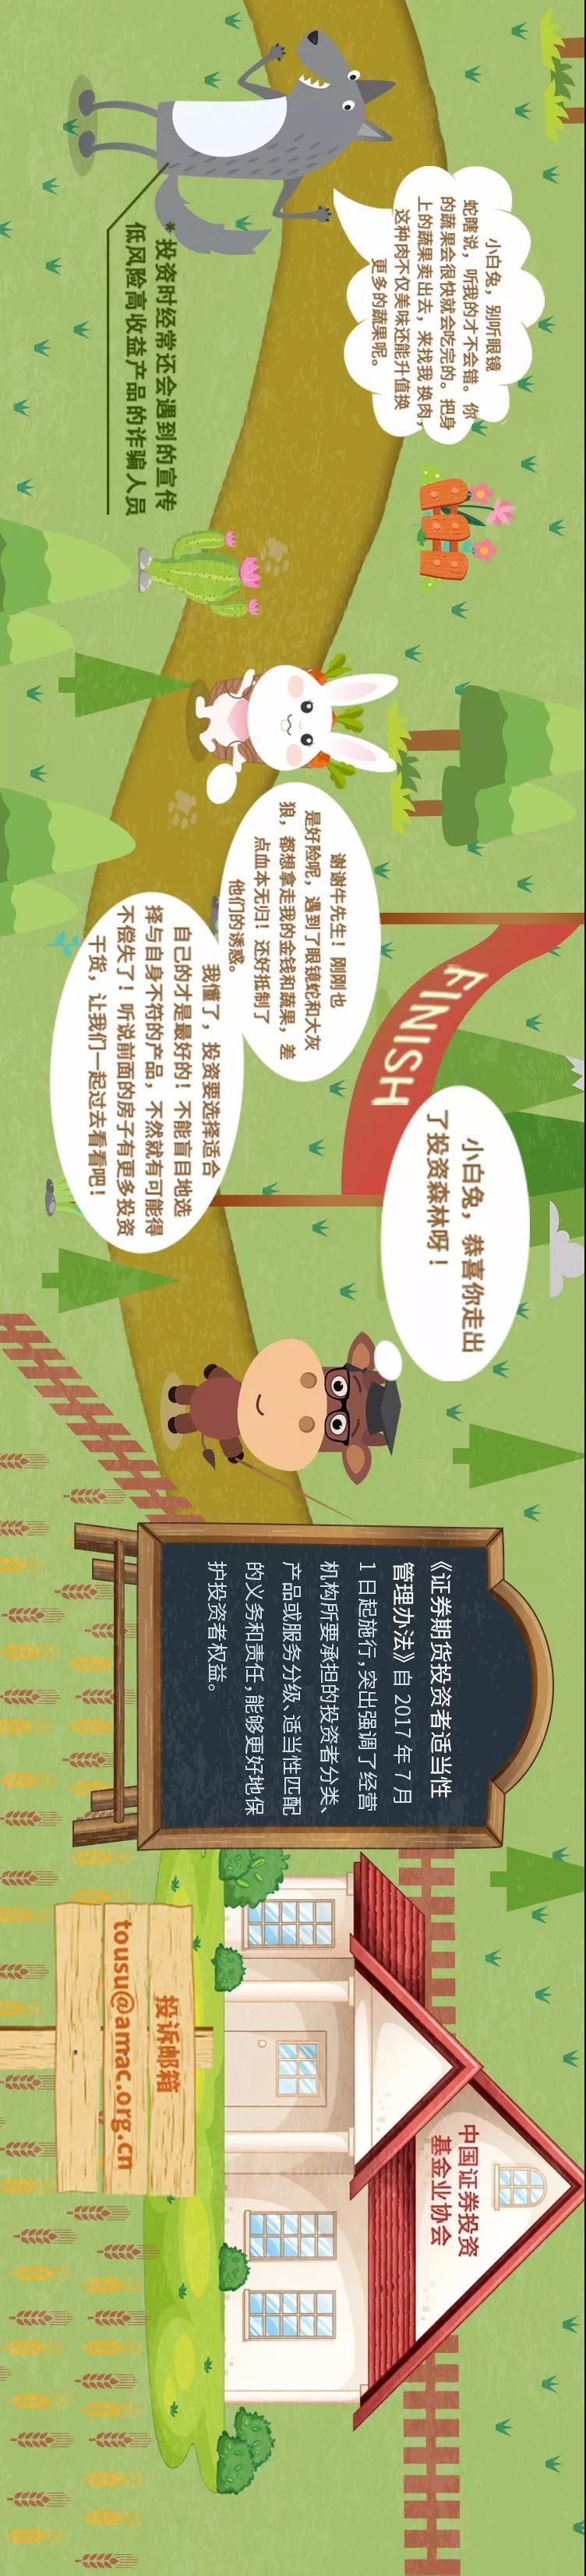 投资者教育之奇妙森林历险记4.jpg